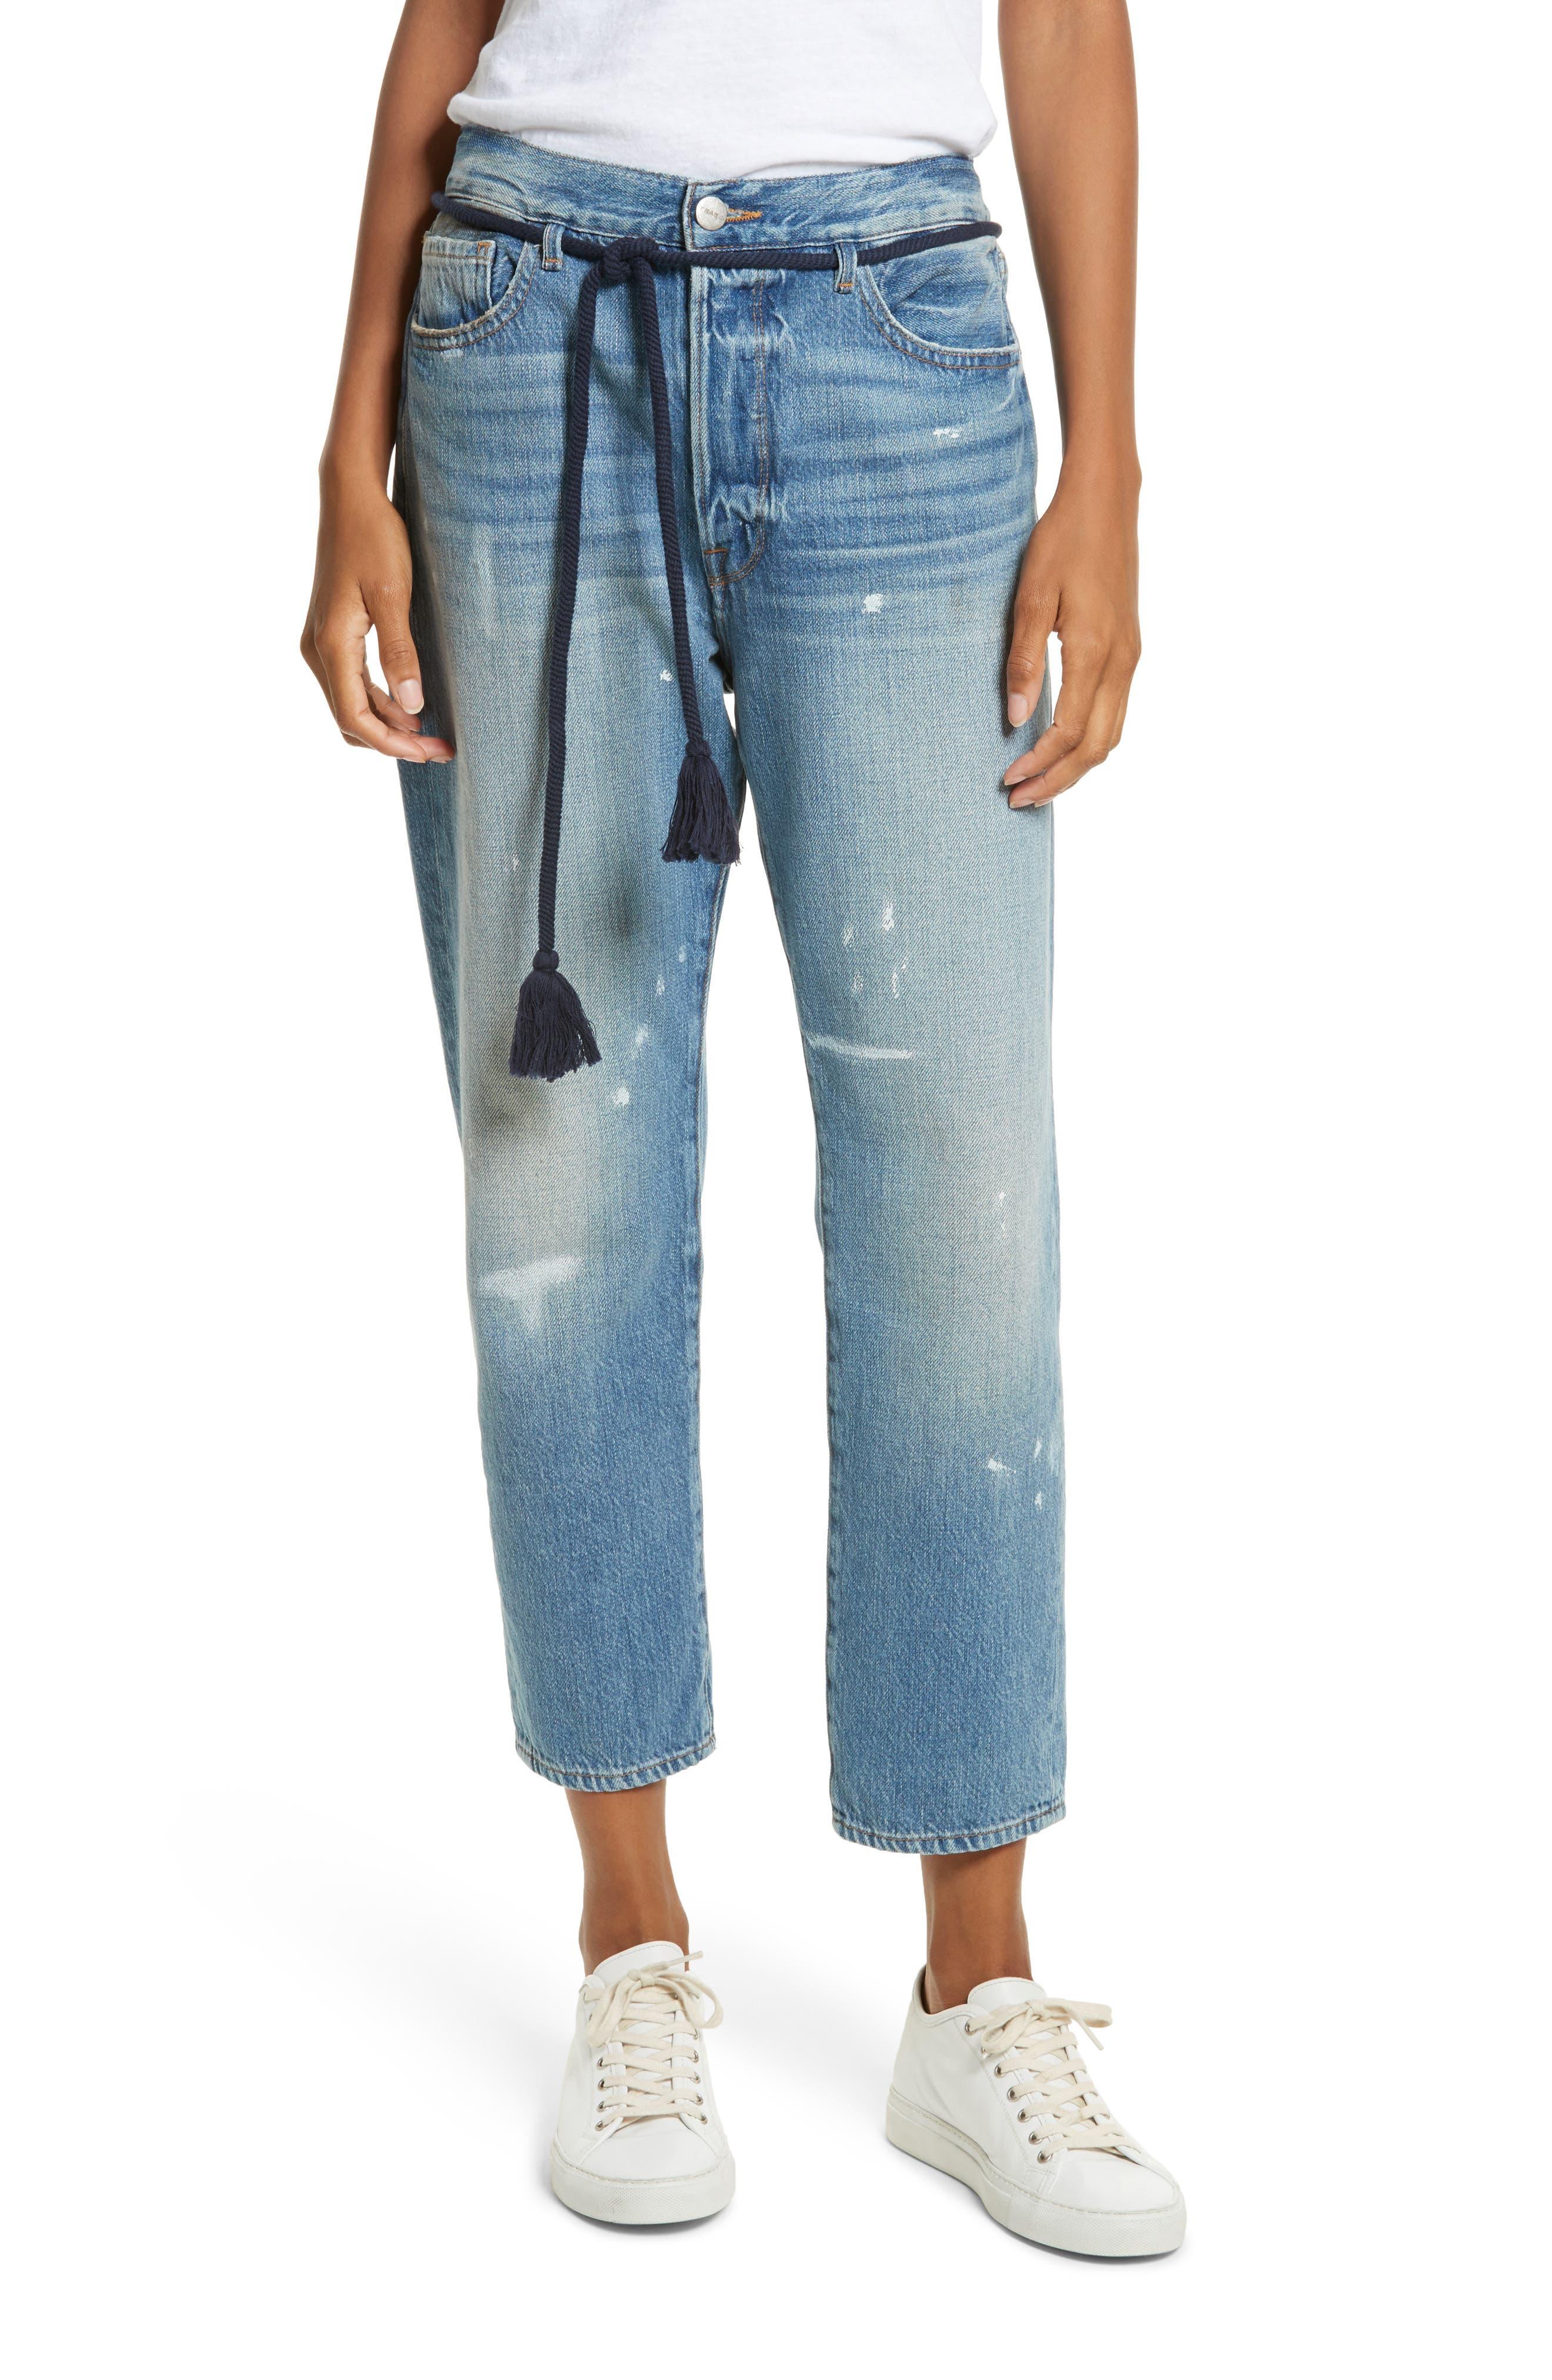 Le Original Tassel Tie High Waist Jeans,                         Main,                         color, Bowman